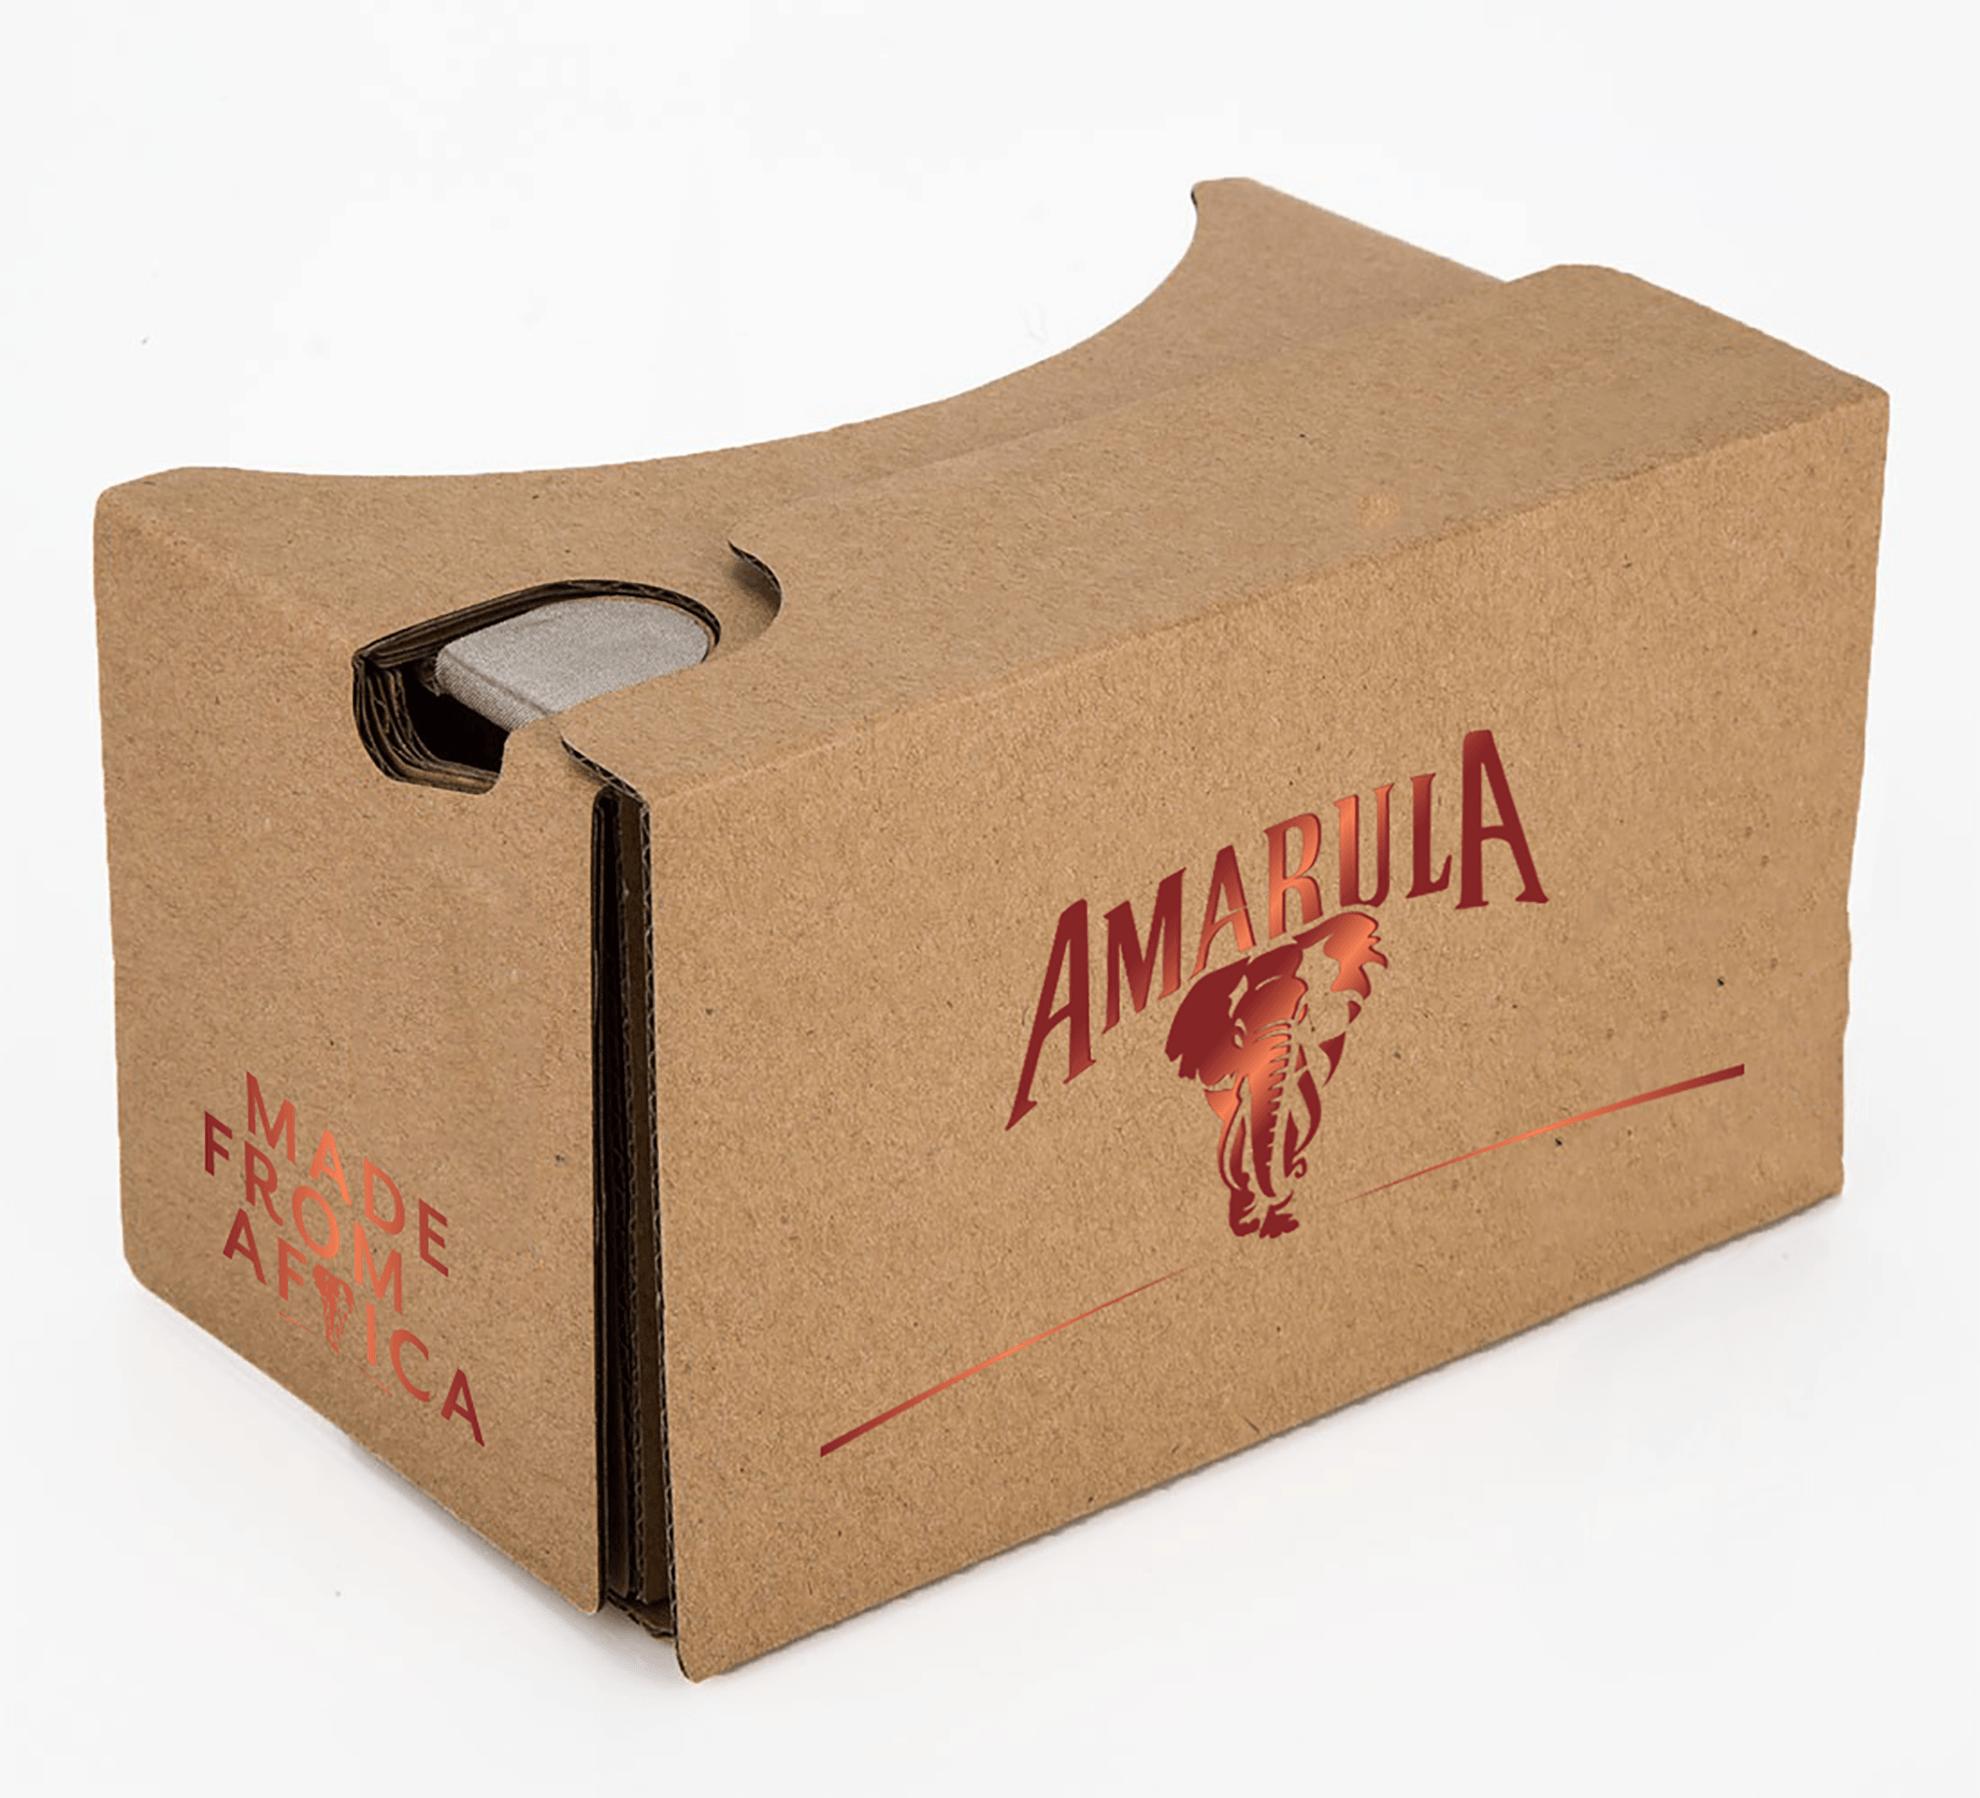 amarula-google-cardboard